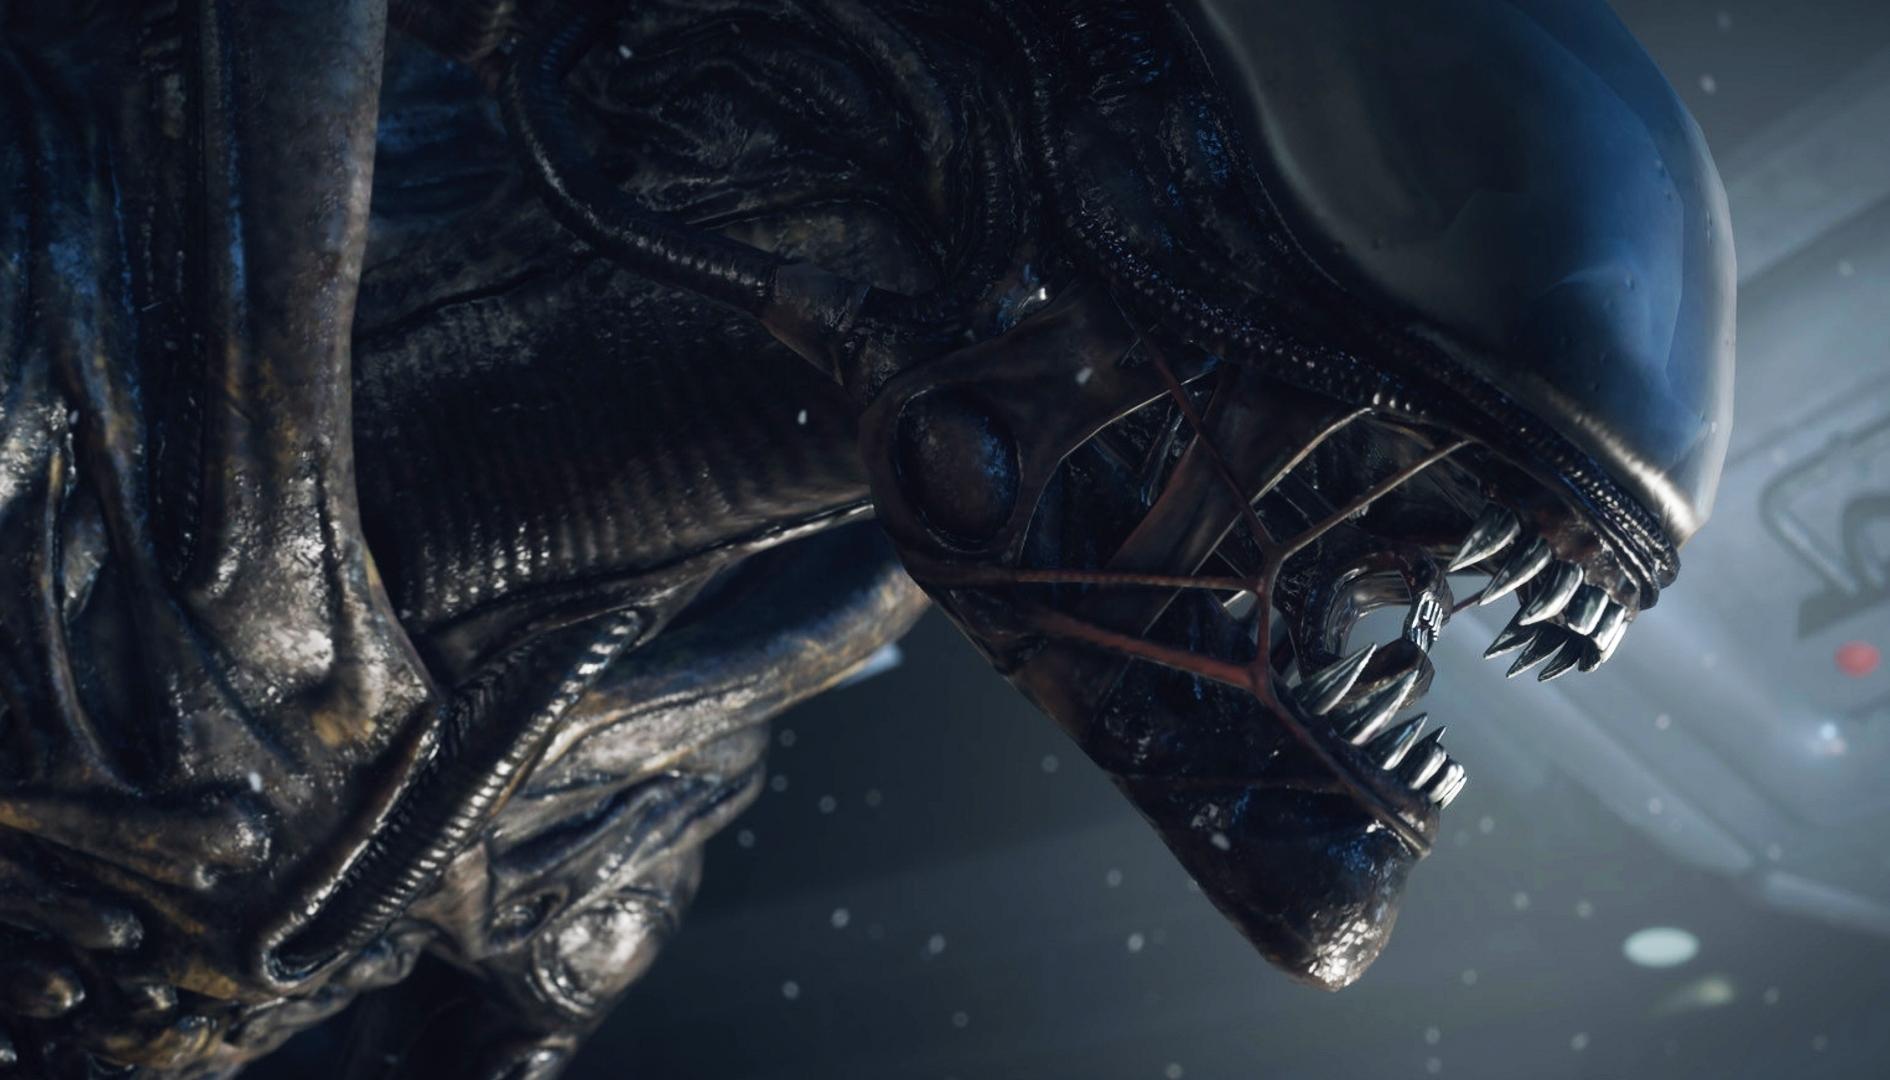 Alien Hope for the Future: pubblicato un video gameplay del fan game gratuito